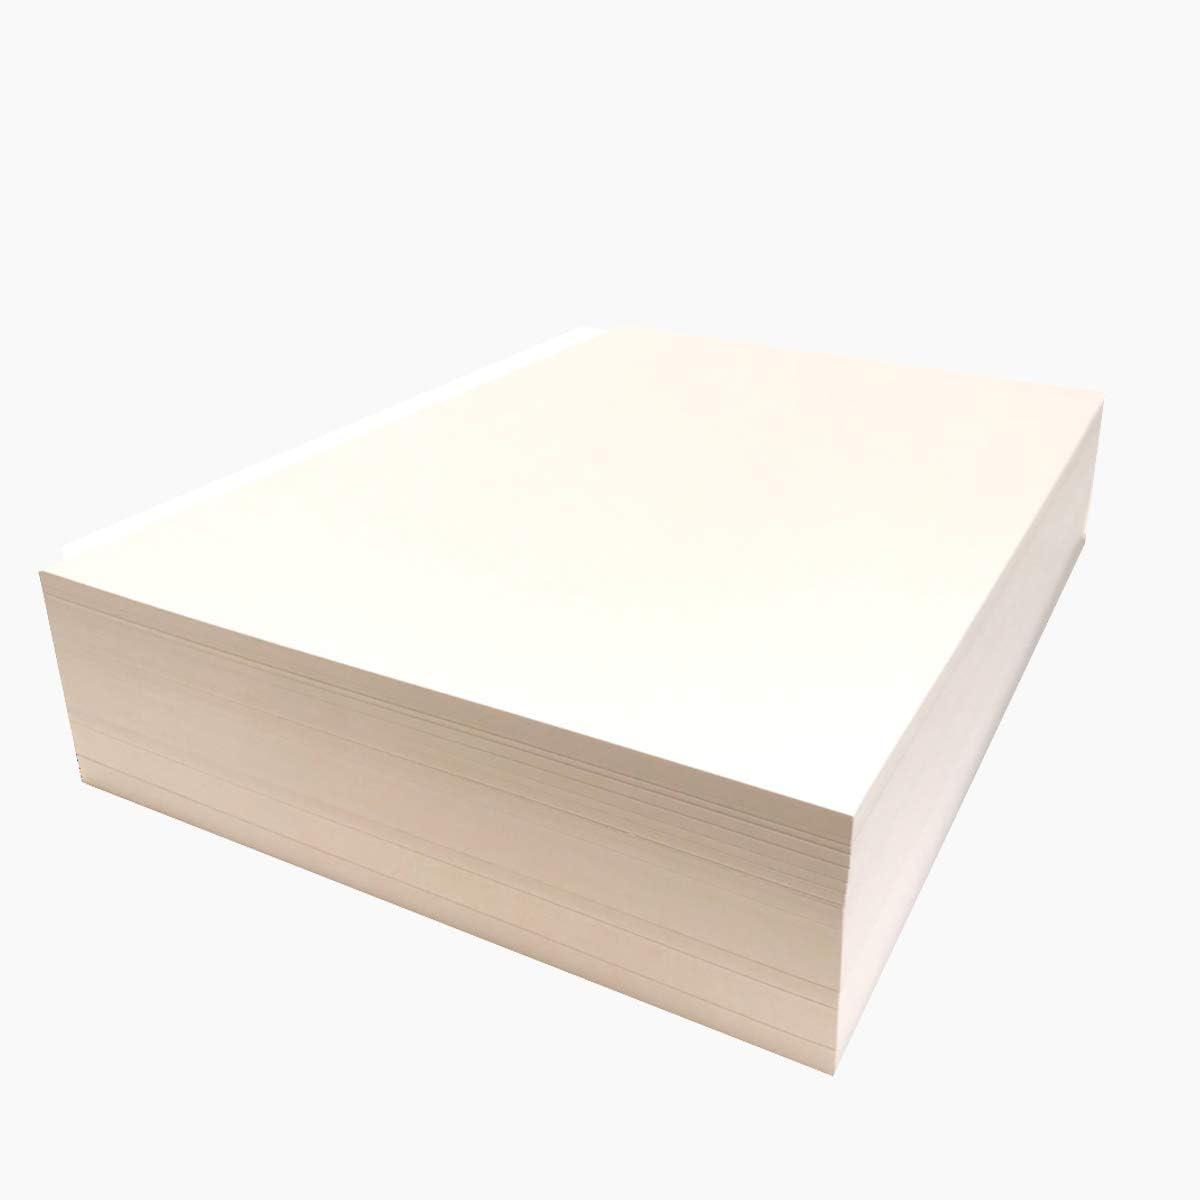 上質紙 キク判 48.5kg T目 4連 半切より (468㍉×634㍉) ヨコ目仕上げ 小数8000枚